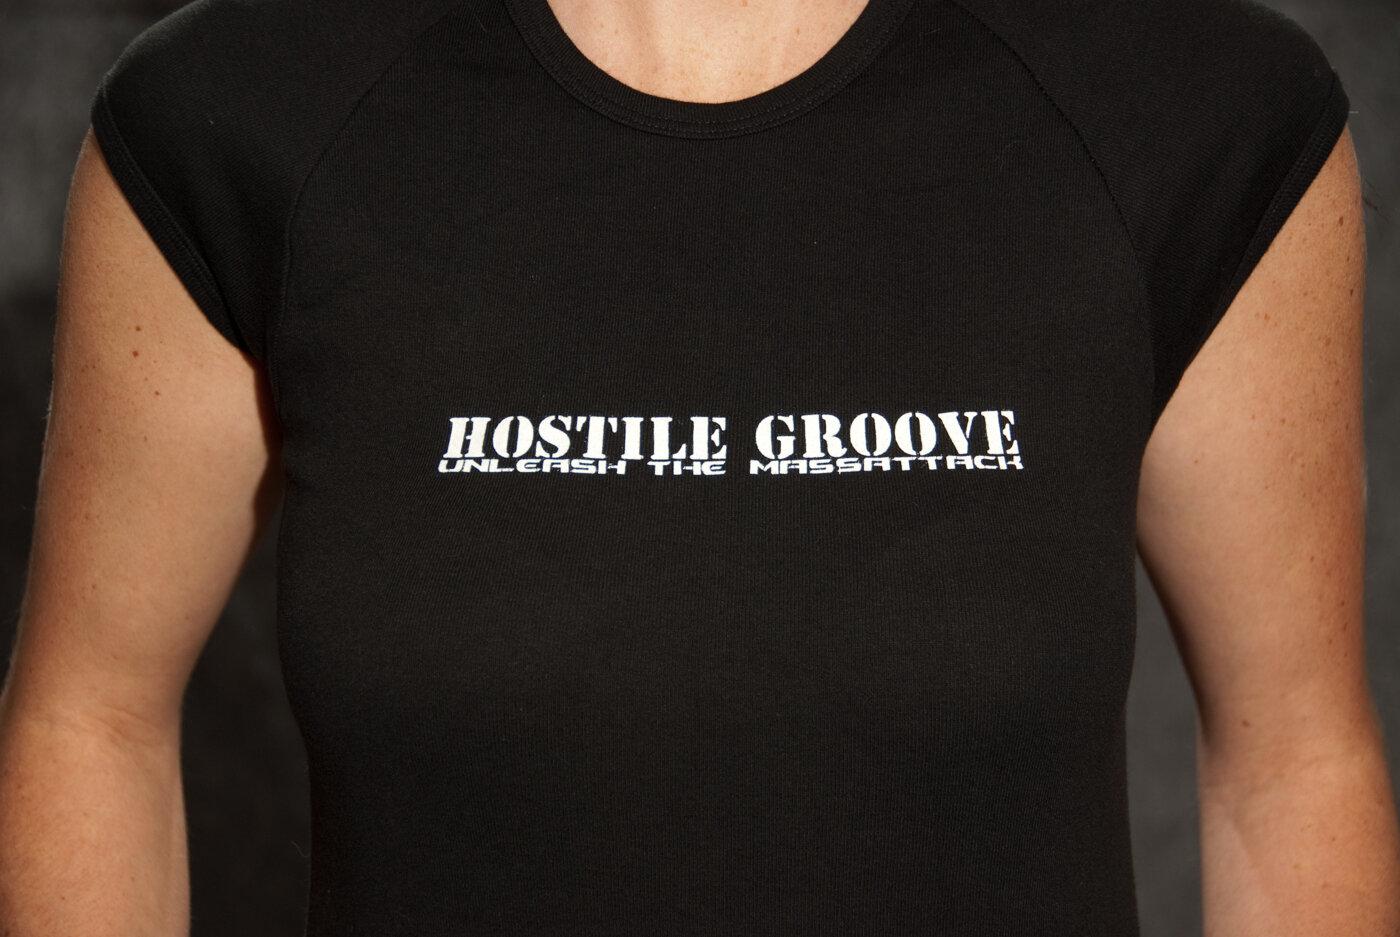 Hostile Groove Girl Shirt